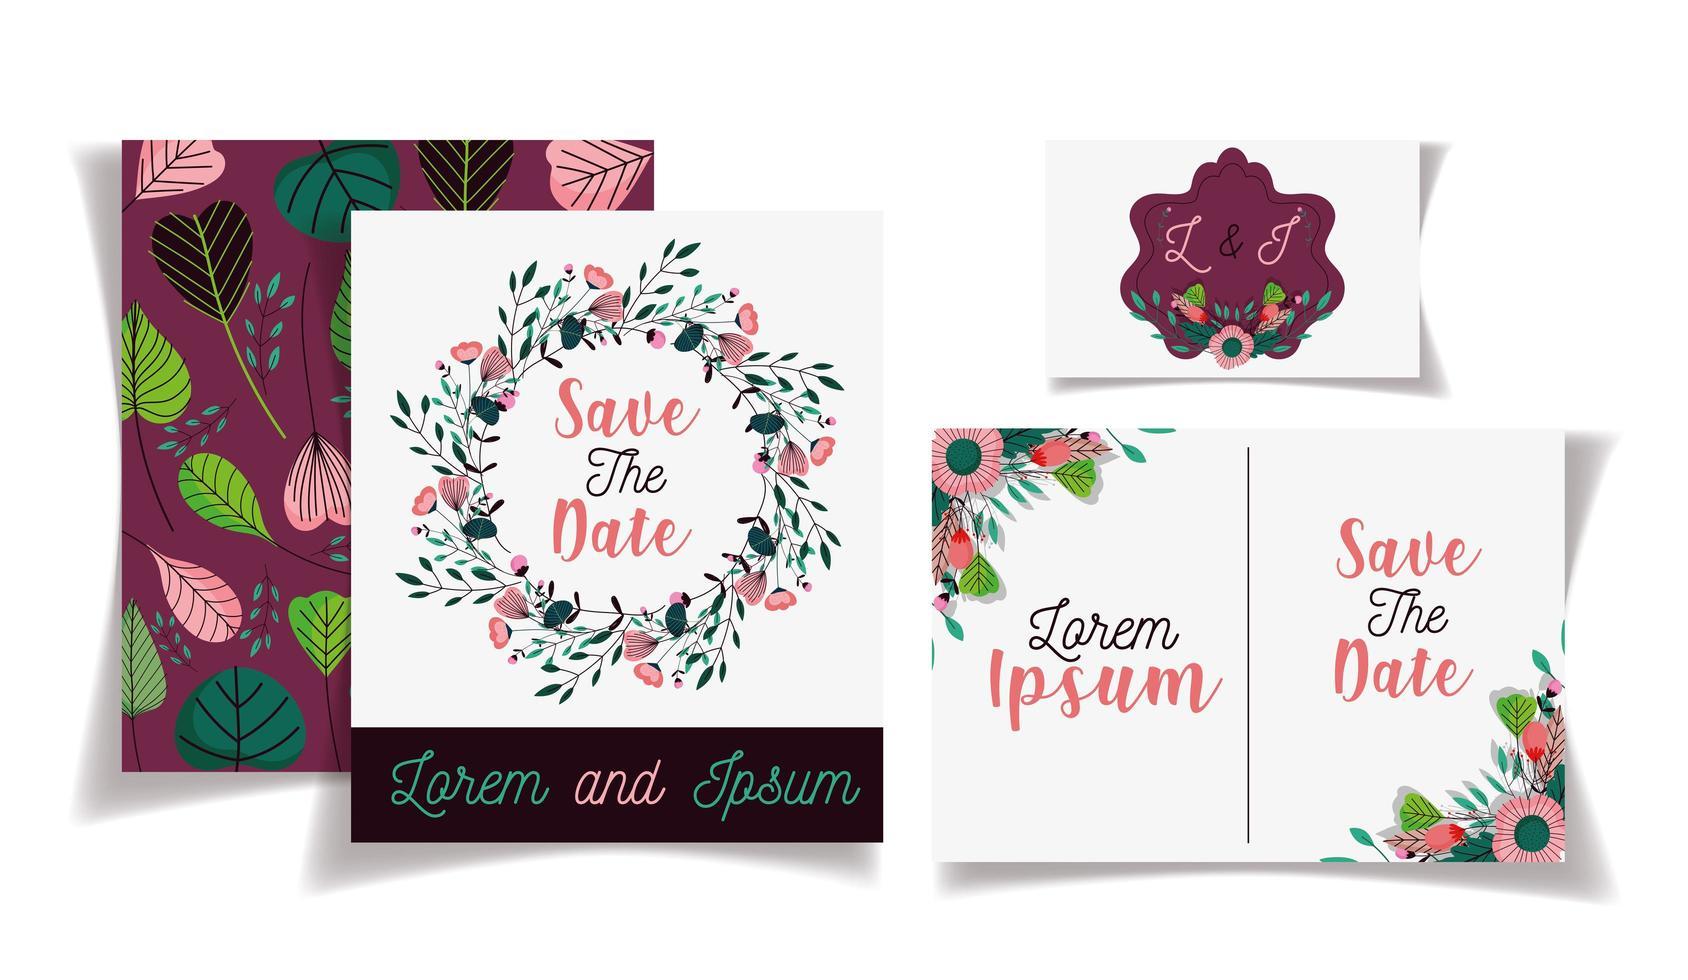 romantische bloemen bewaar de sjabloon set voor datumkaarten vector